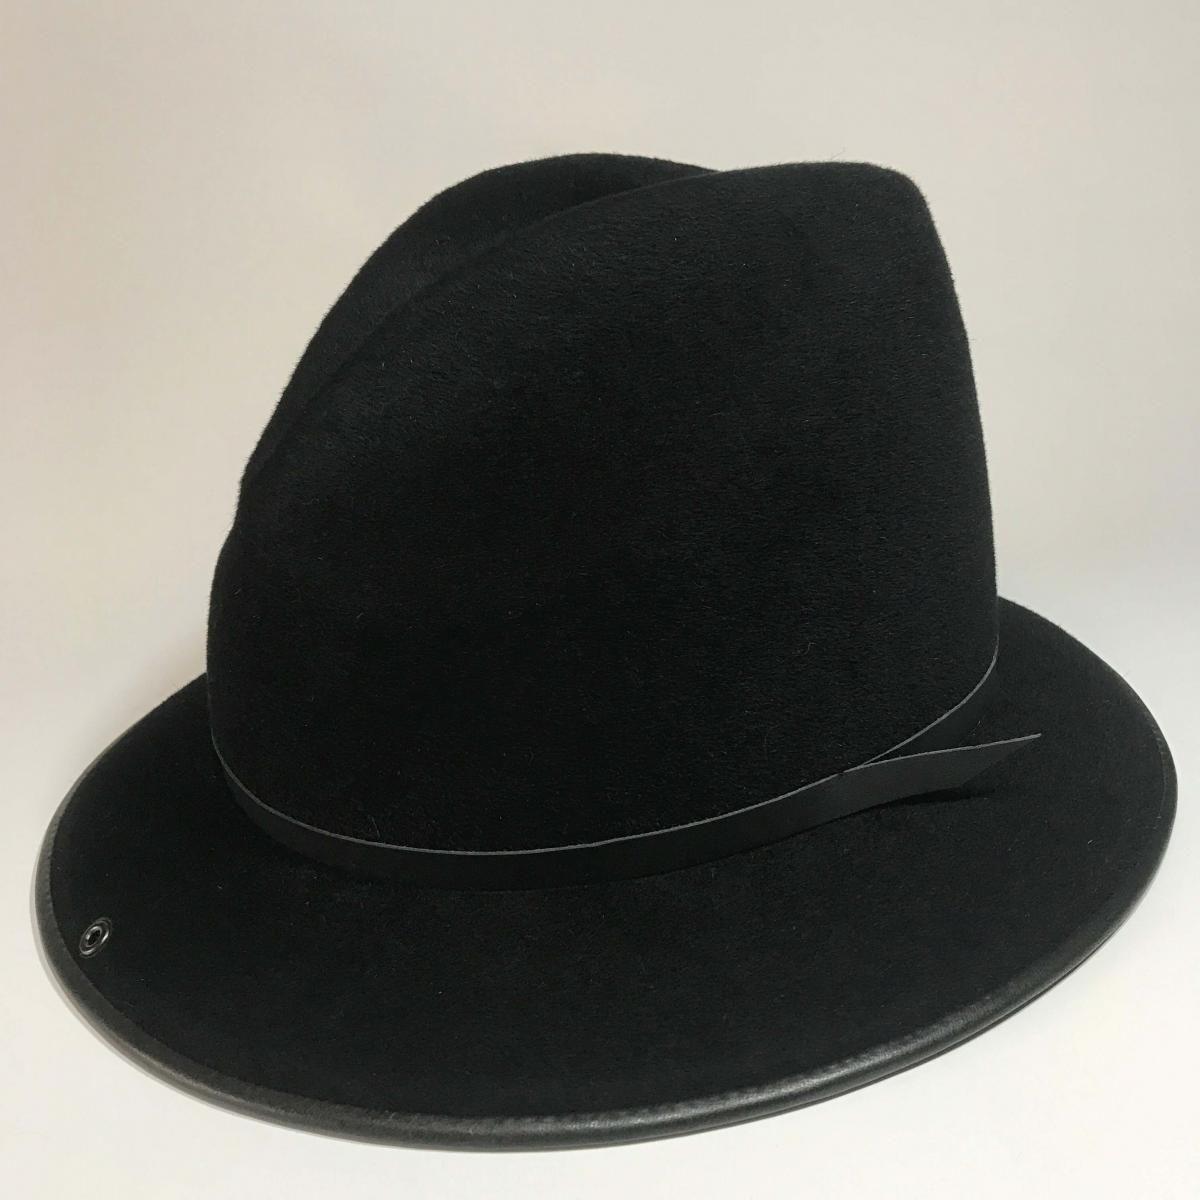 かぶり心地にこだわっていく上で生まれた機能美。水沼ハットのオリジナル帽子は帽子通の方にも、帽子が苦手な方にも被っていただきたい商品です。かぶりこむことで時間の経過と共に生まれる、クズレやクタリを ご自身が作り上げた味としてお楽しみください。